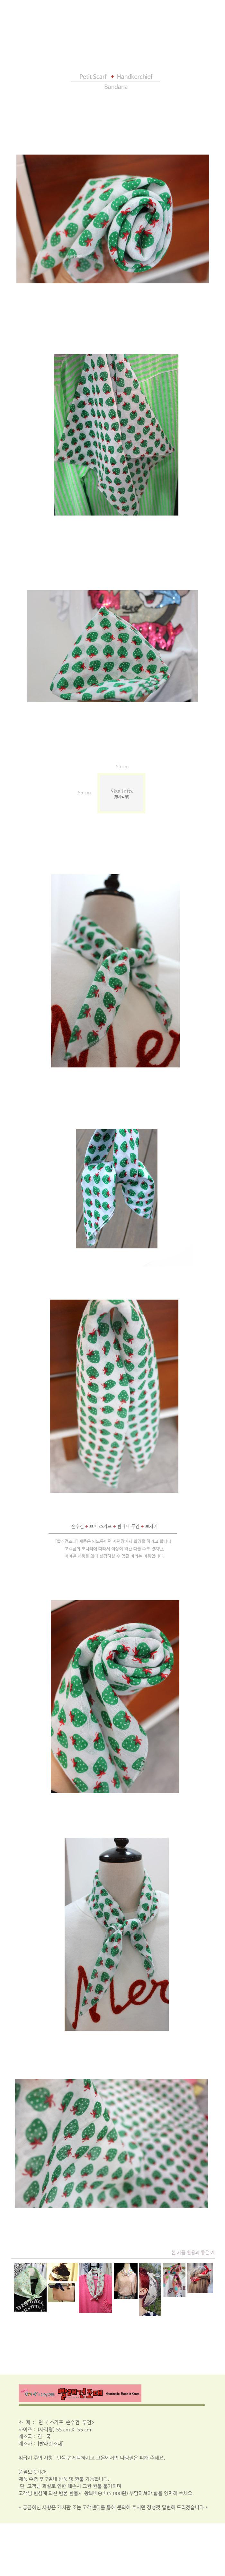 Petit Scarf-Hankie (스카프-손수건) - 초록딸기 - 빨래건조대, 5,900원, 스카프, 쁘띠 스카프